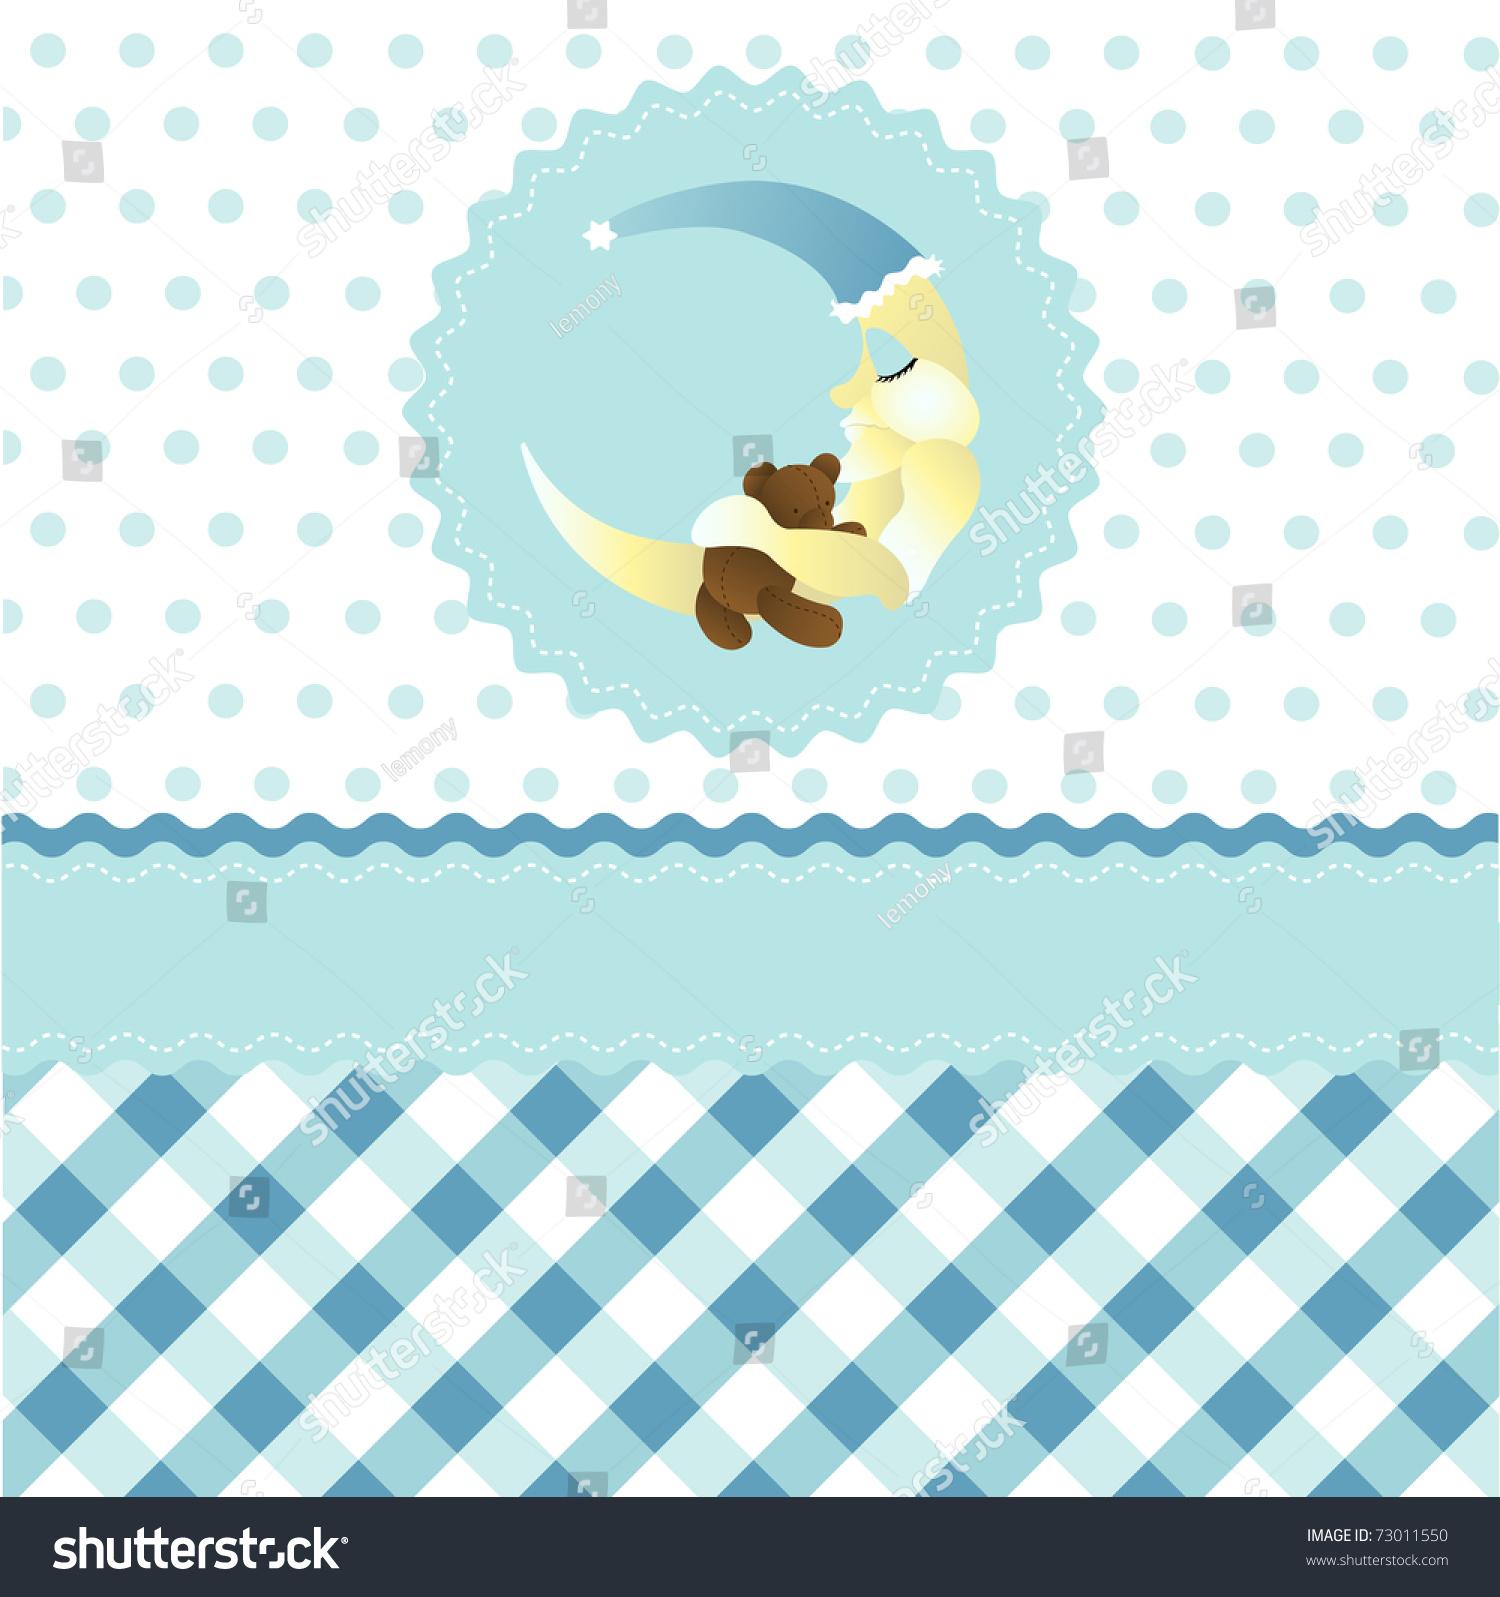 Seamless baby boy pattern blue cartoon moon wallpaper - Cartoon boy wallpaper ...